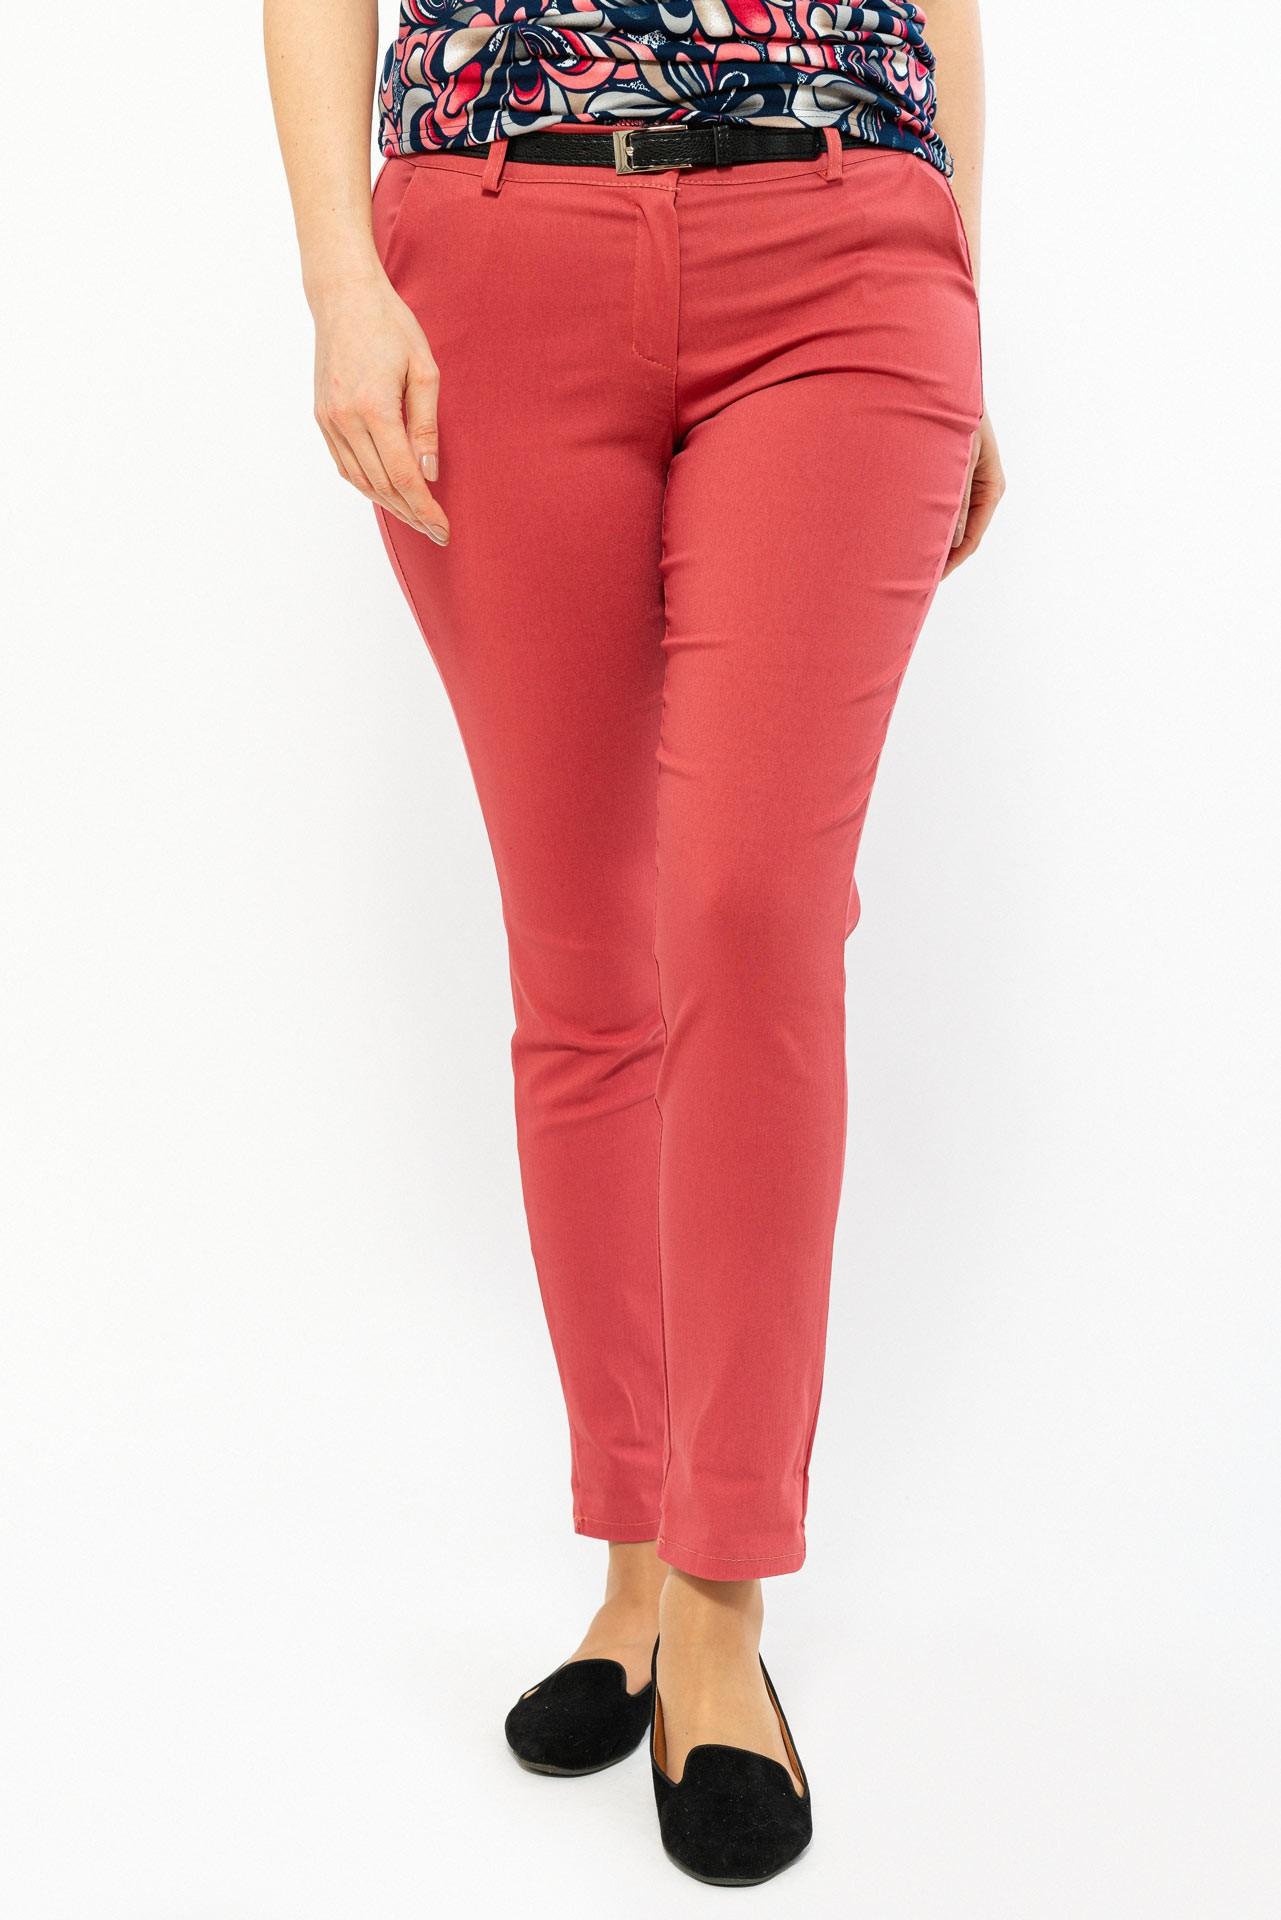 Dámské kalhoty NINA